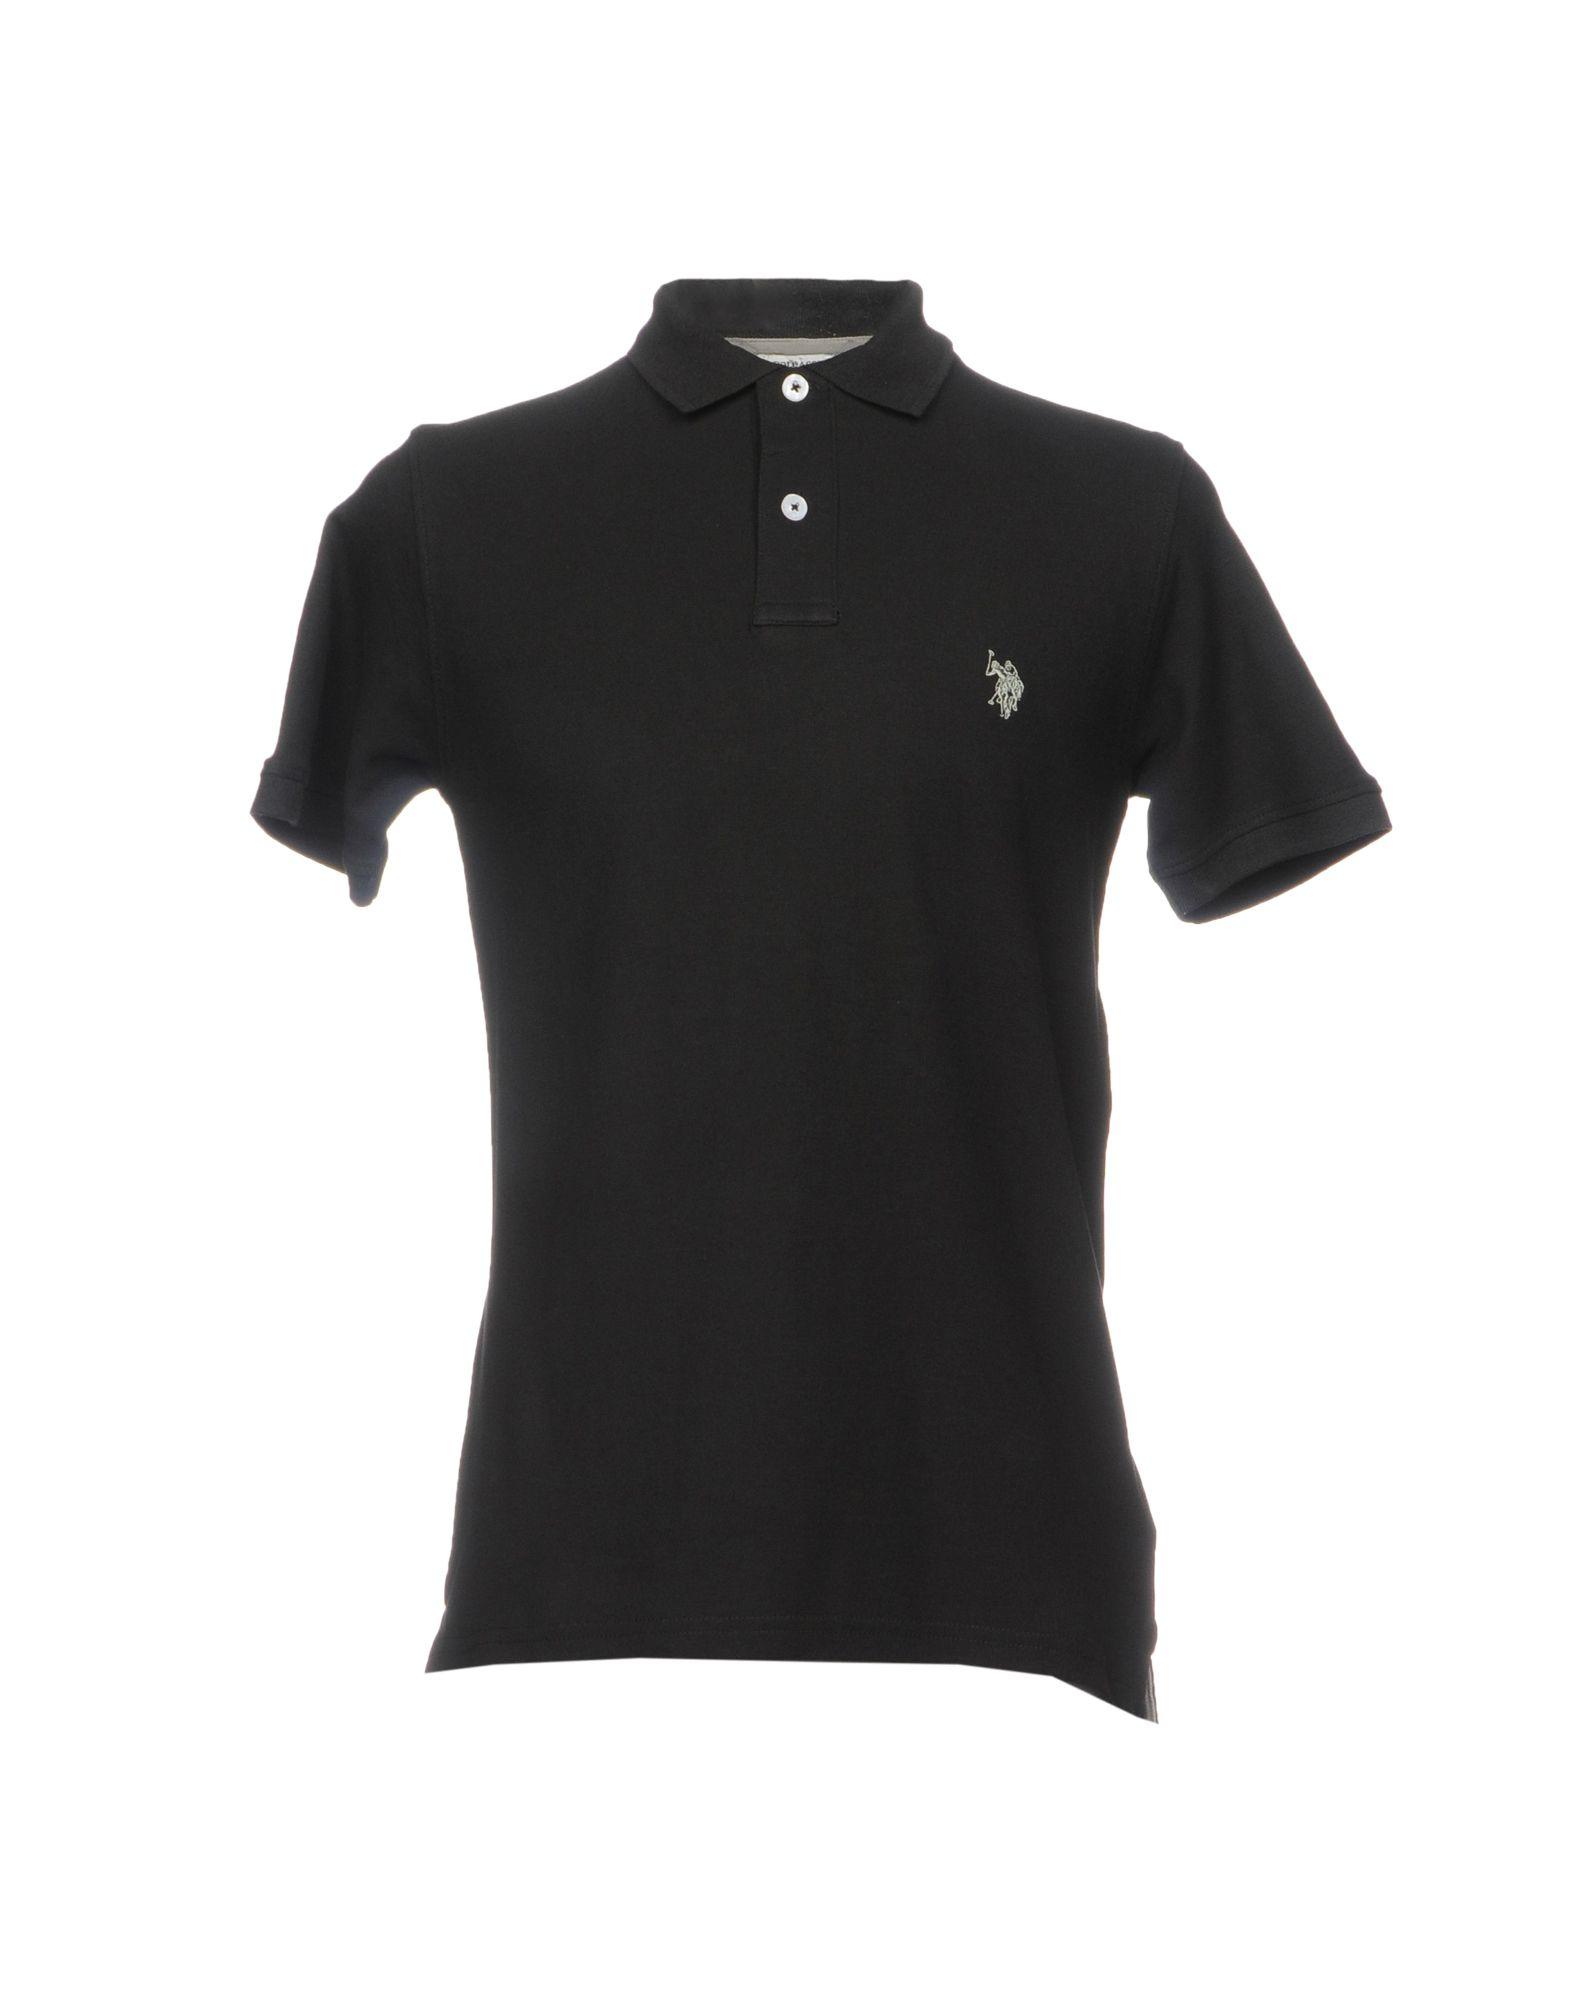 《送料無料》U.S.POLO ASSN. メンズ ポロシャツ ブラック M コットン 100%